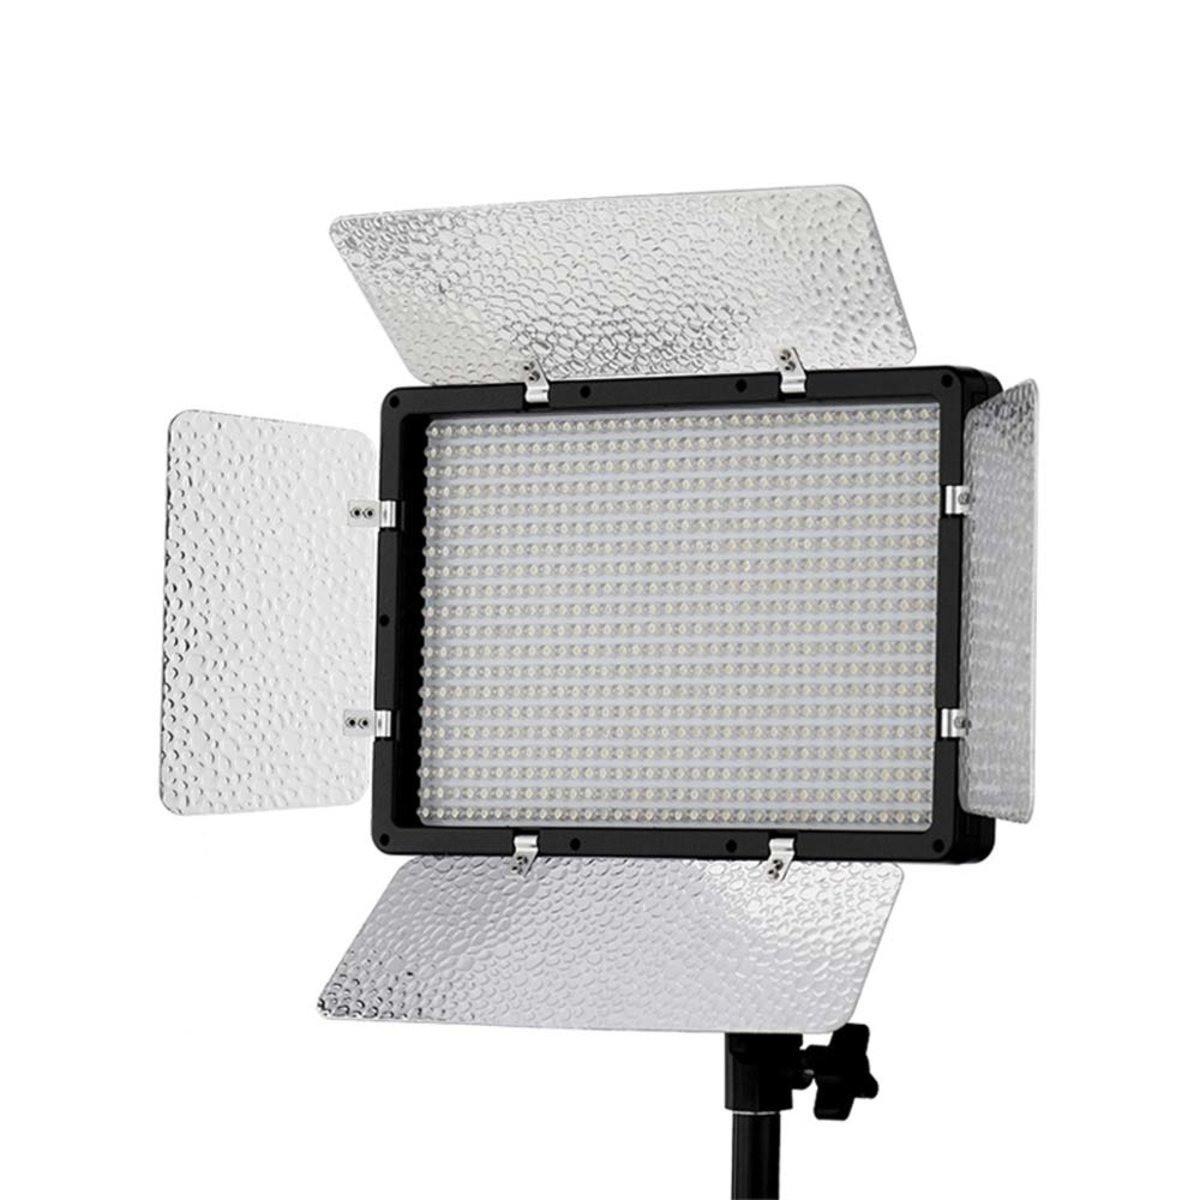 20W 26,4x18,4x4,6см Постоянный светодиодный свет - панель TOLIFO PT-680B